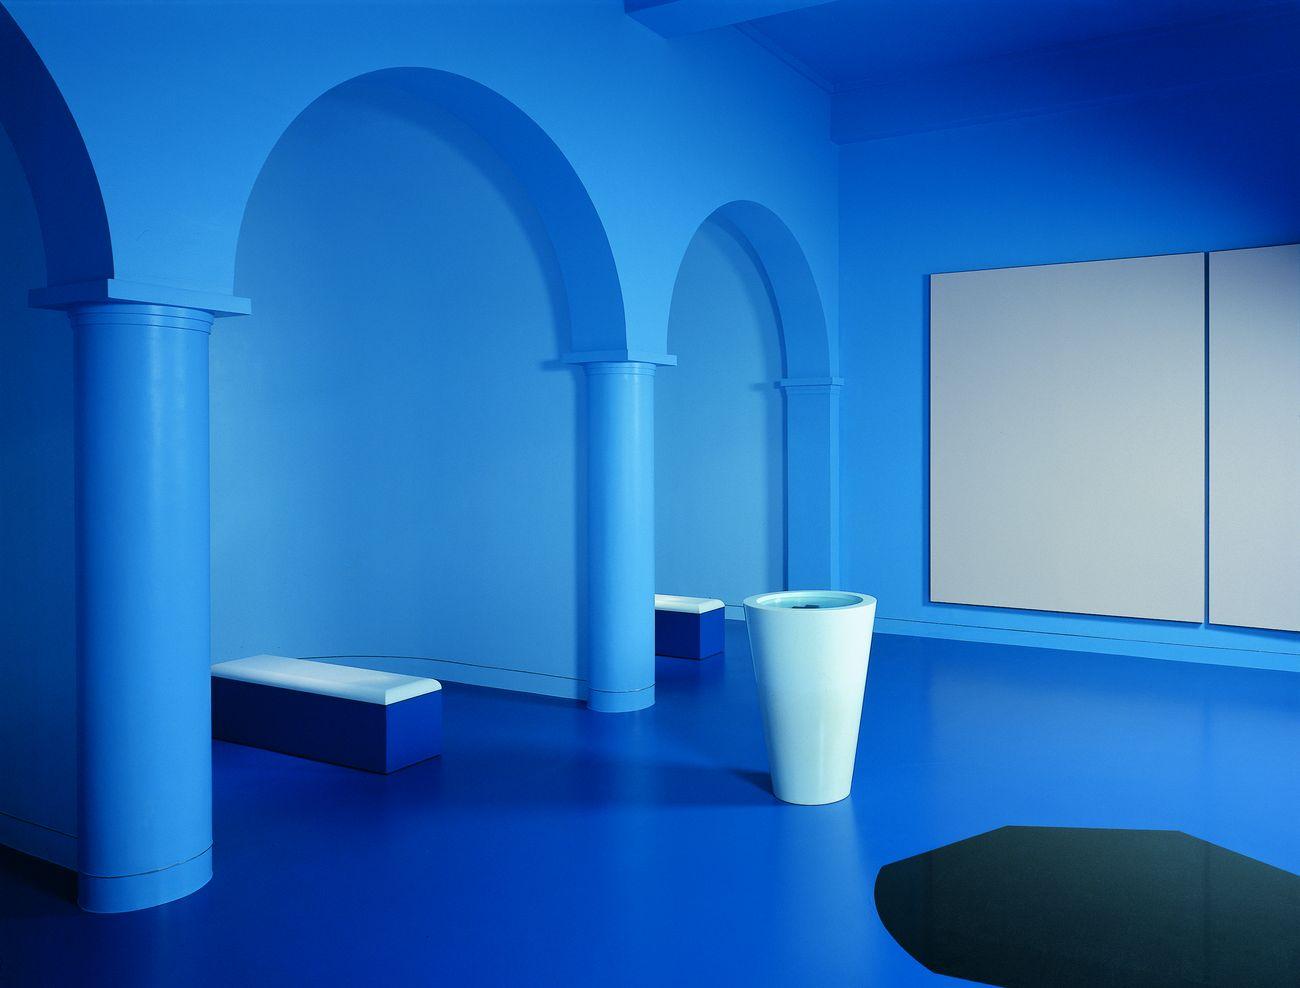 La salle des départs di Ettore Spalletti: un obitorio trasformato in opera d'arte